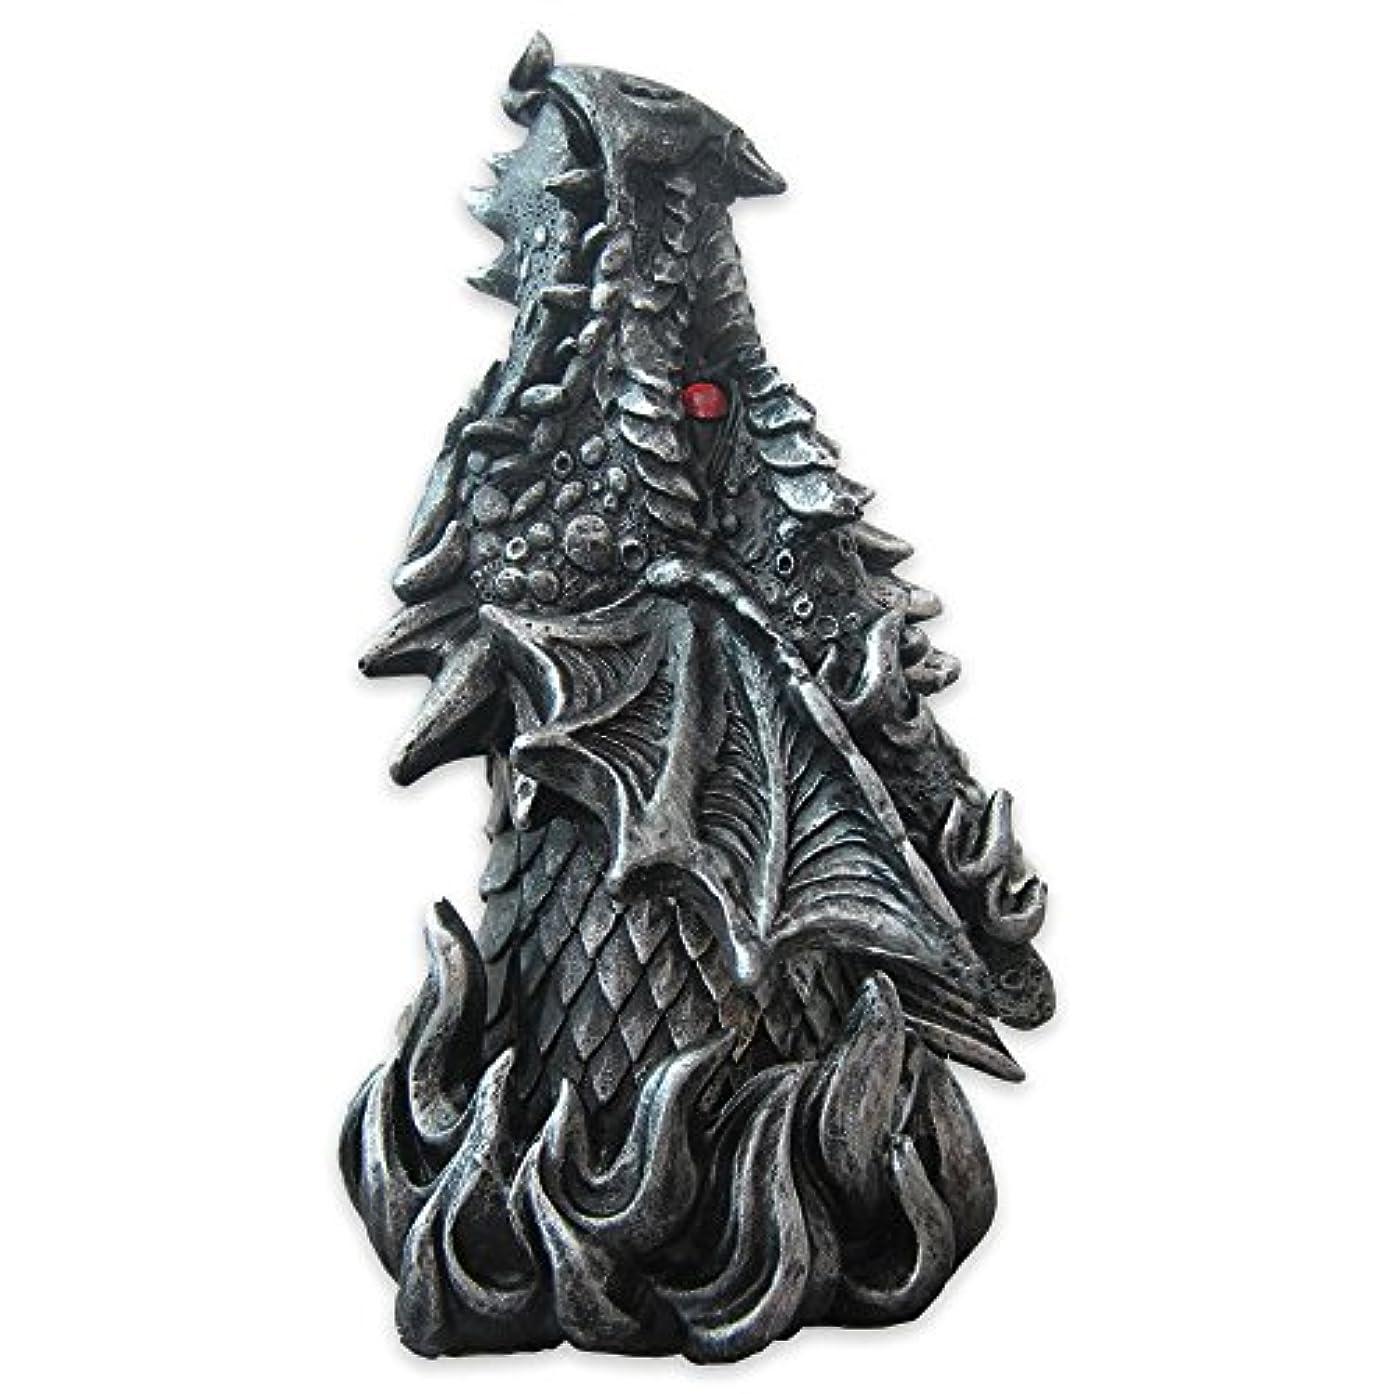 スクラッチ時制ペットDragon Figure Cone Incense Burner Fiery Eyes - Gothic Smoke Breathing Decor